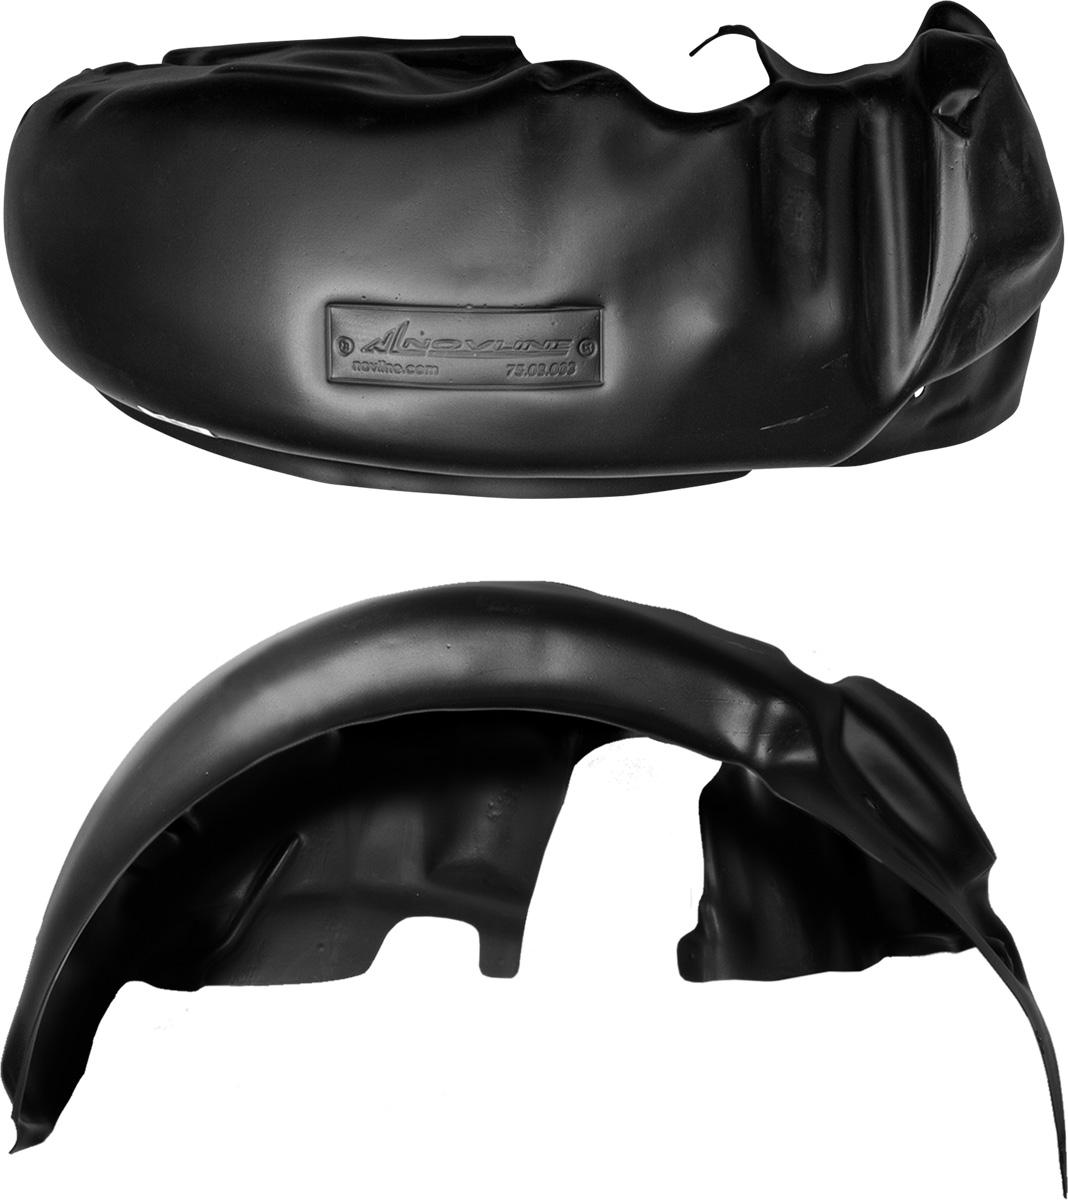 Подкрылок NISSAN Tiida, 2010-2015, задний правыйVCA-00Колесные ниши – одни из самых уязвимых зон днища вашего автомобиля. Они постоянно подвергаются воздействию со стороны дороги. Лучшая, почти абсолютная защита для них - специально отформованные пластиковые кожухи, которые называются подкрылками, или локерами. Производятся они как для отечественных моделей автомобилей, так и для иномарок. Подкрылки выполнены из высококачественного, экологически чистого пластика. Обеспечивают надежную защиту кузова автомобиля от пескоструйного эффекта и негативного влияния, агрессивных антигололедных реагентов. Пластик обладает более низкой теплопроводностью, чем металл, поэтому в зимний период эксплуатации использование пластиковых подкрылков позволяет лучше защитить колесные ниши от налипания снега и образования наледи. Оригинальность конструкции подчеркивает элегантность автомобиля, бережно защищает нанесенное на днище кузова антикоррозийное покрытие и позволяет осуществить крепление подкрылков внутри колесной арки практически без дополнительного крепежа и сверления, не нарушая при этом лакокрасочного покрытия, что предотвращает возникновение новых очагов коррозии. Технология крепления подкрылков на иномарки принципиально отличается от крепления на российские автомобили и разрабатывается индивидуально для каждой модели автомобиля. Подкрылки долговечны, обладают высокой прочностью и сохраняют заданную форму, а также все свои физико-механические характеристики в самых тяжелых климатических условиях ( от -50° С до + 50° С).